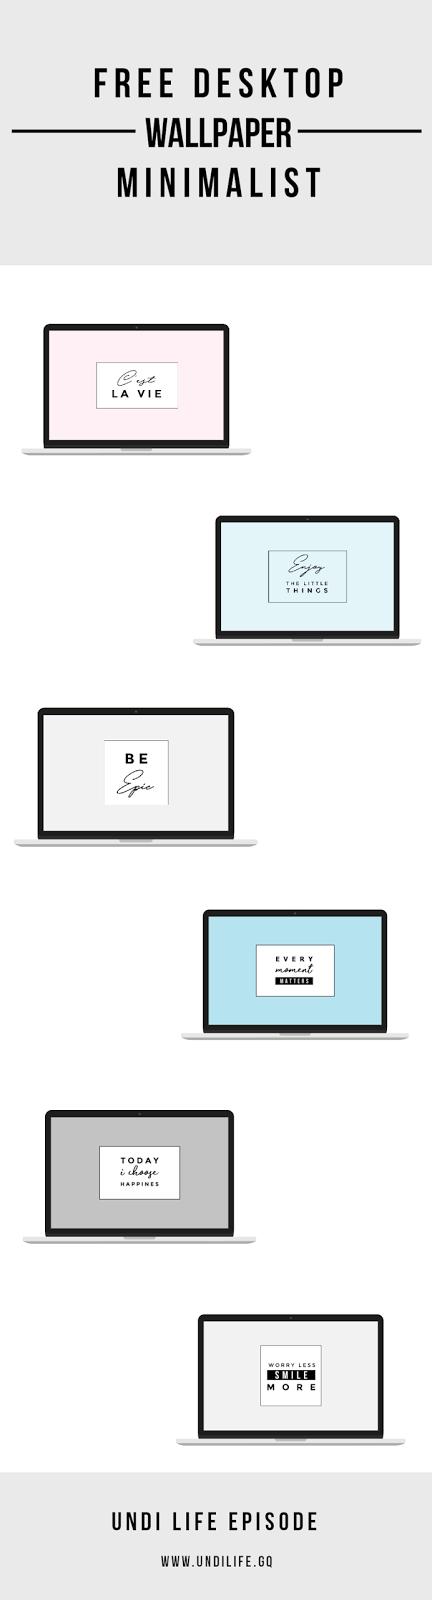 Freebie desktop Wallpaper